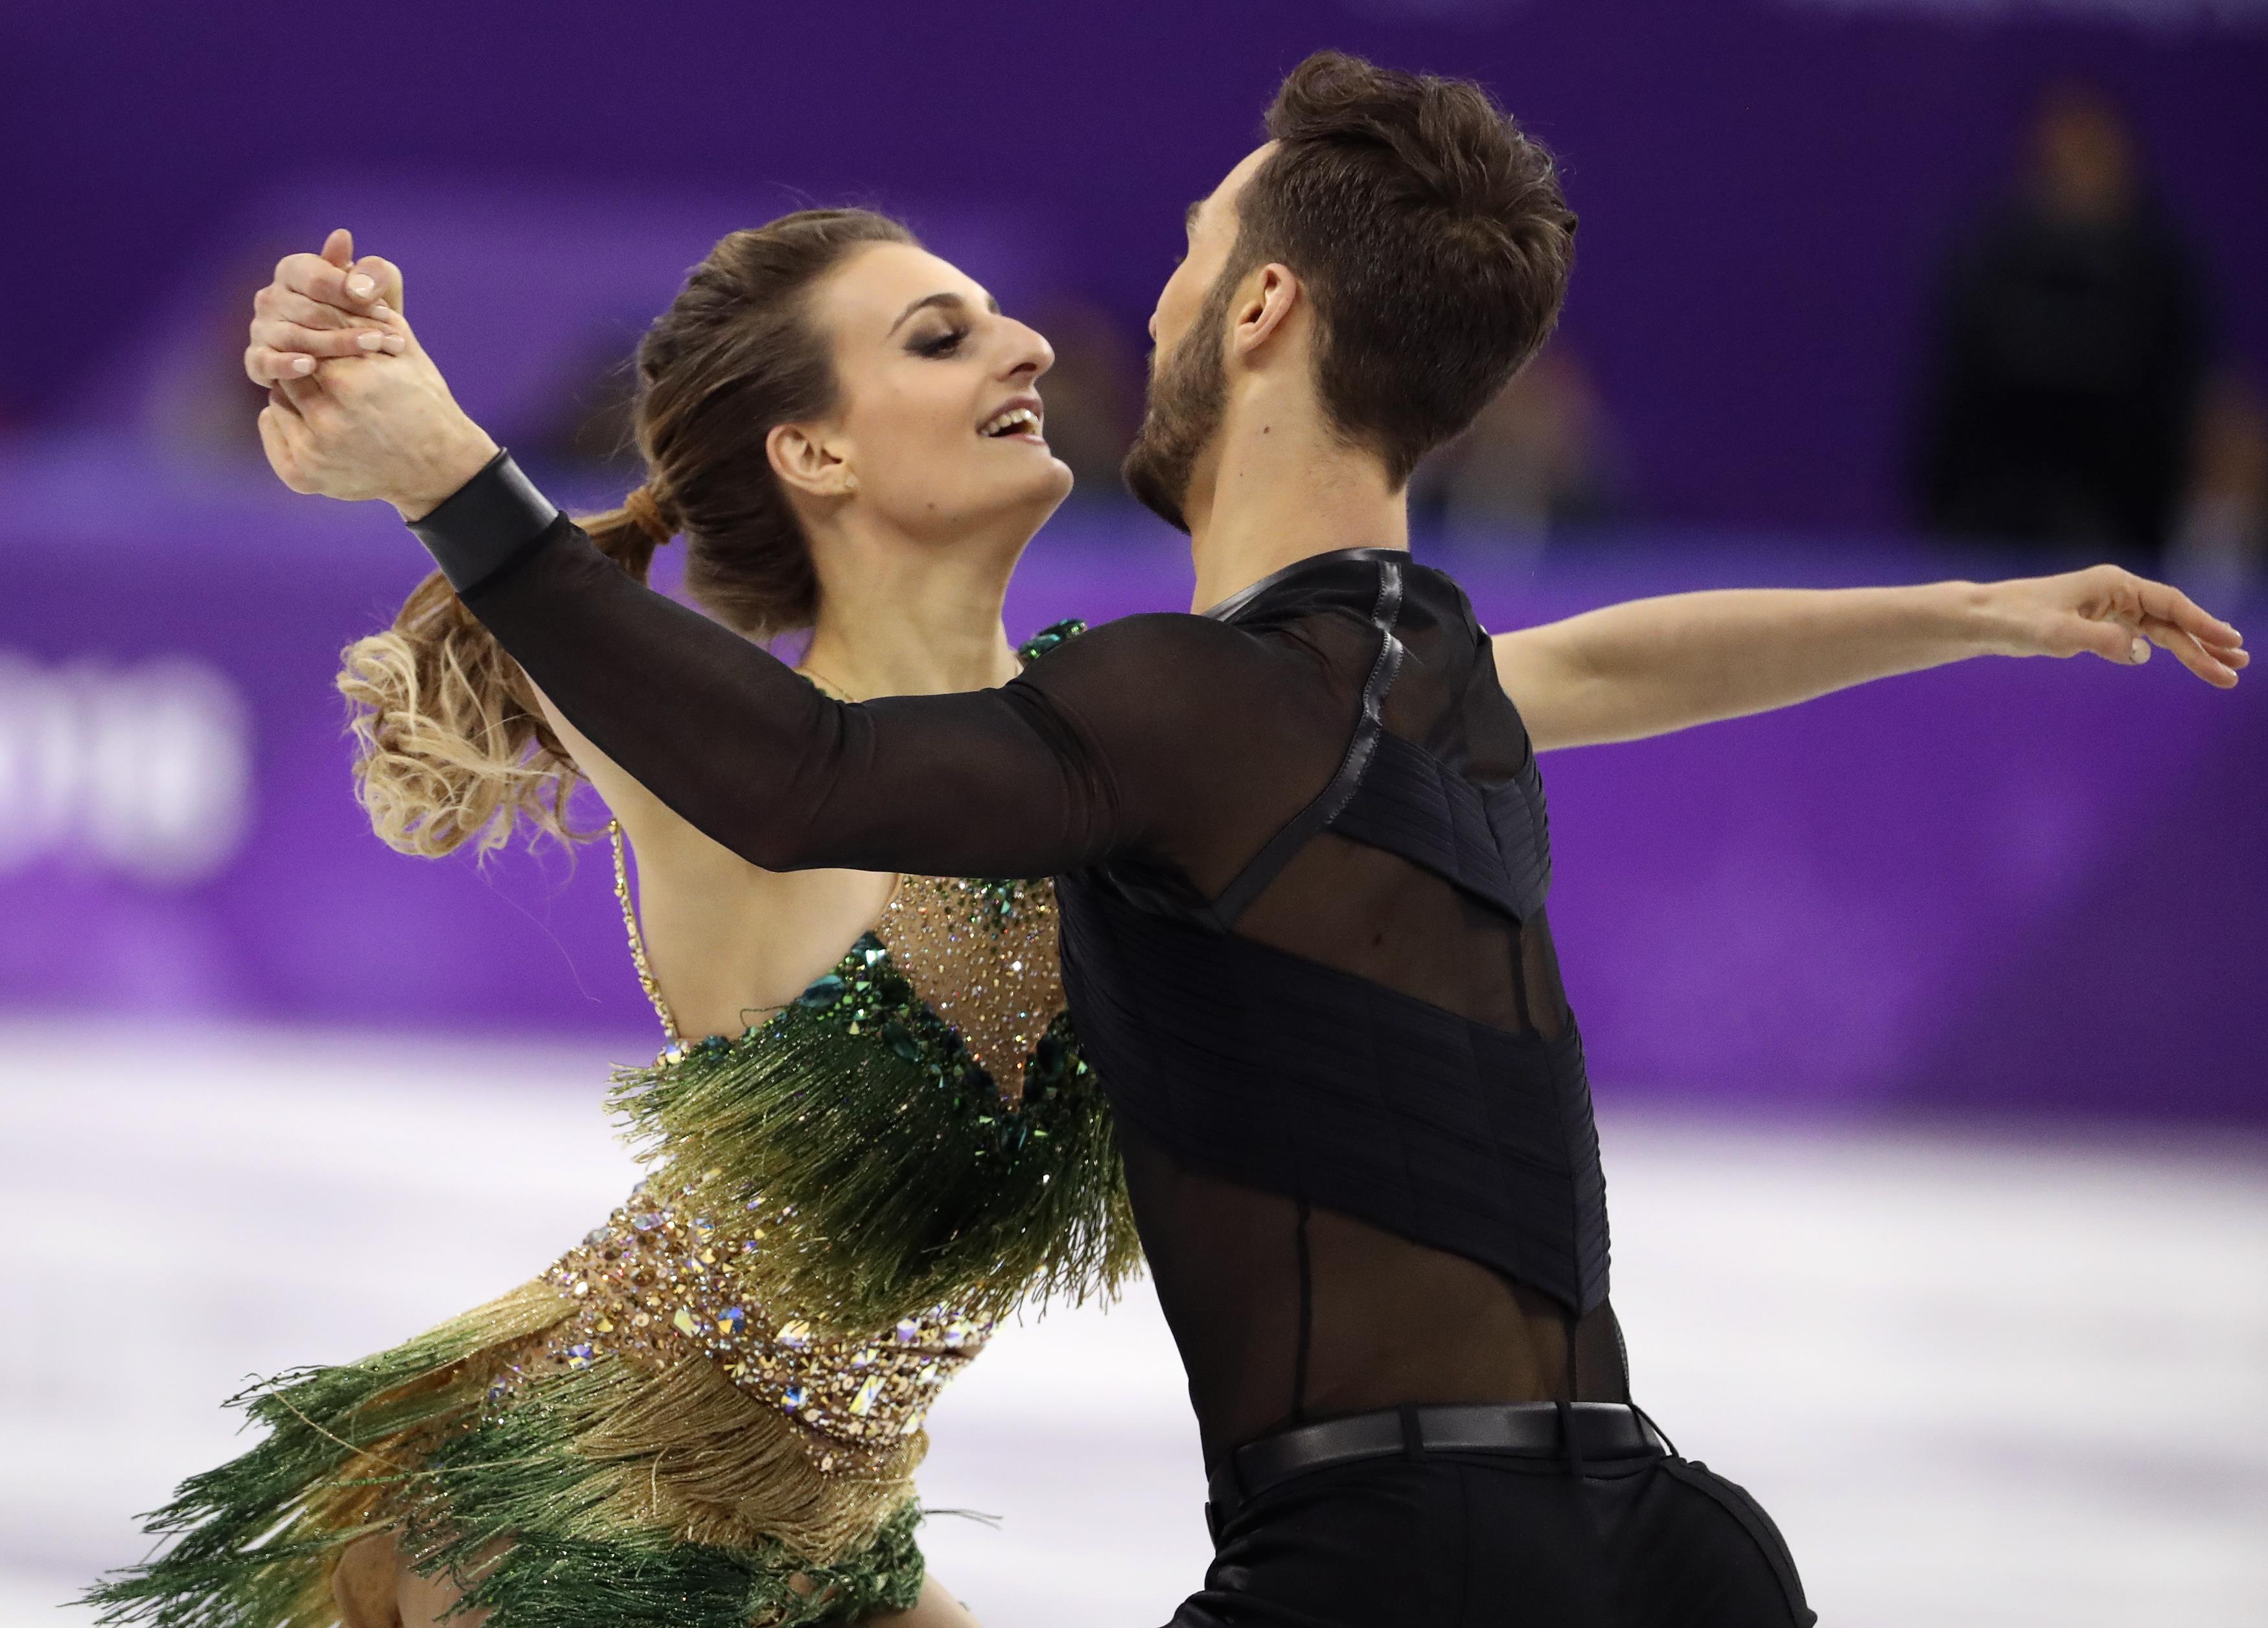 Jeux olympiques - Pyeongchang 2018 - JO 2018 : Papadakis-Cizeron devancés après le programme court